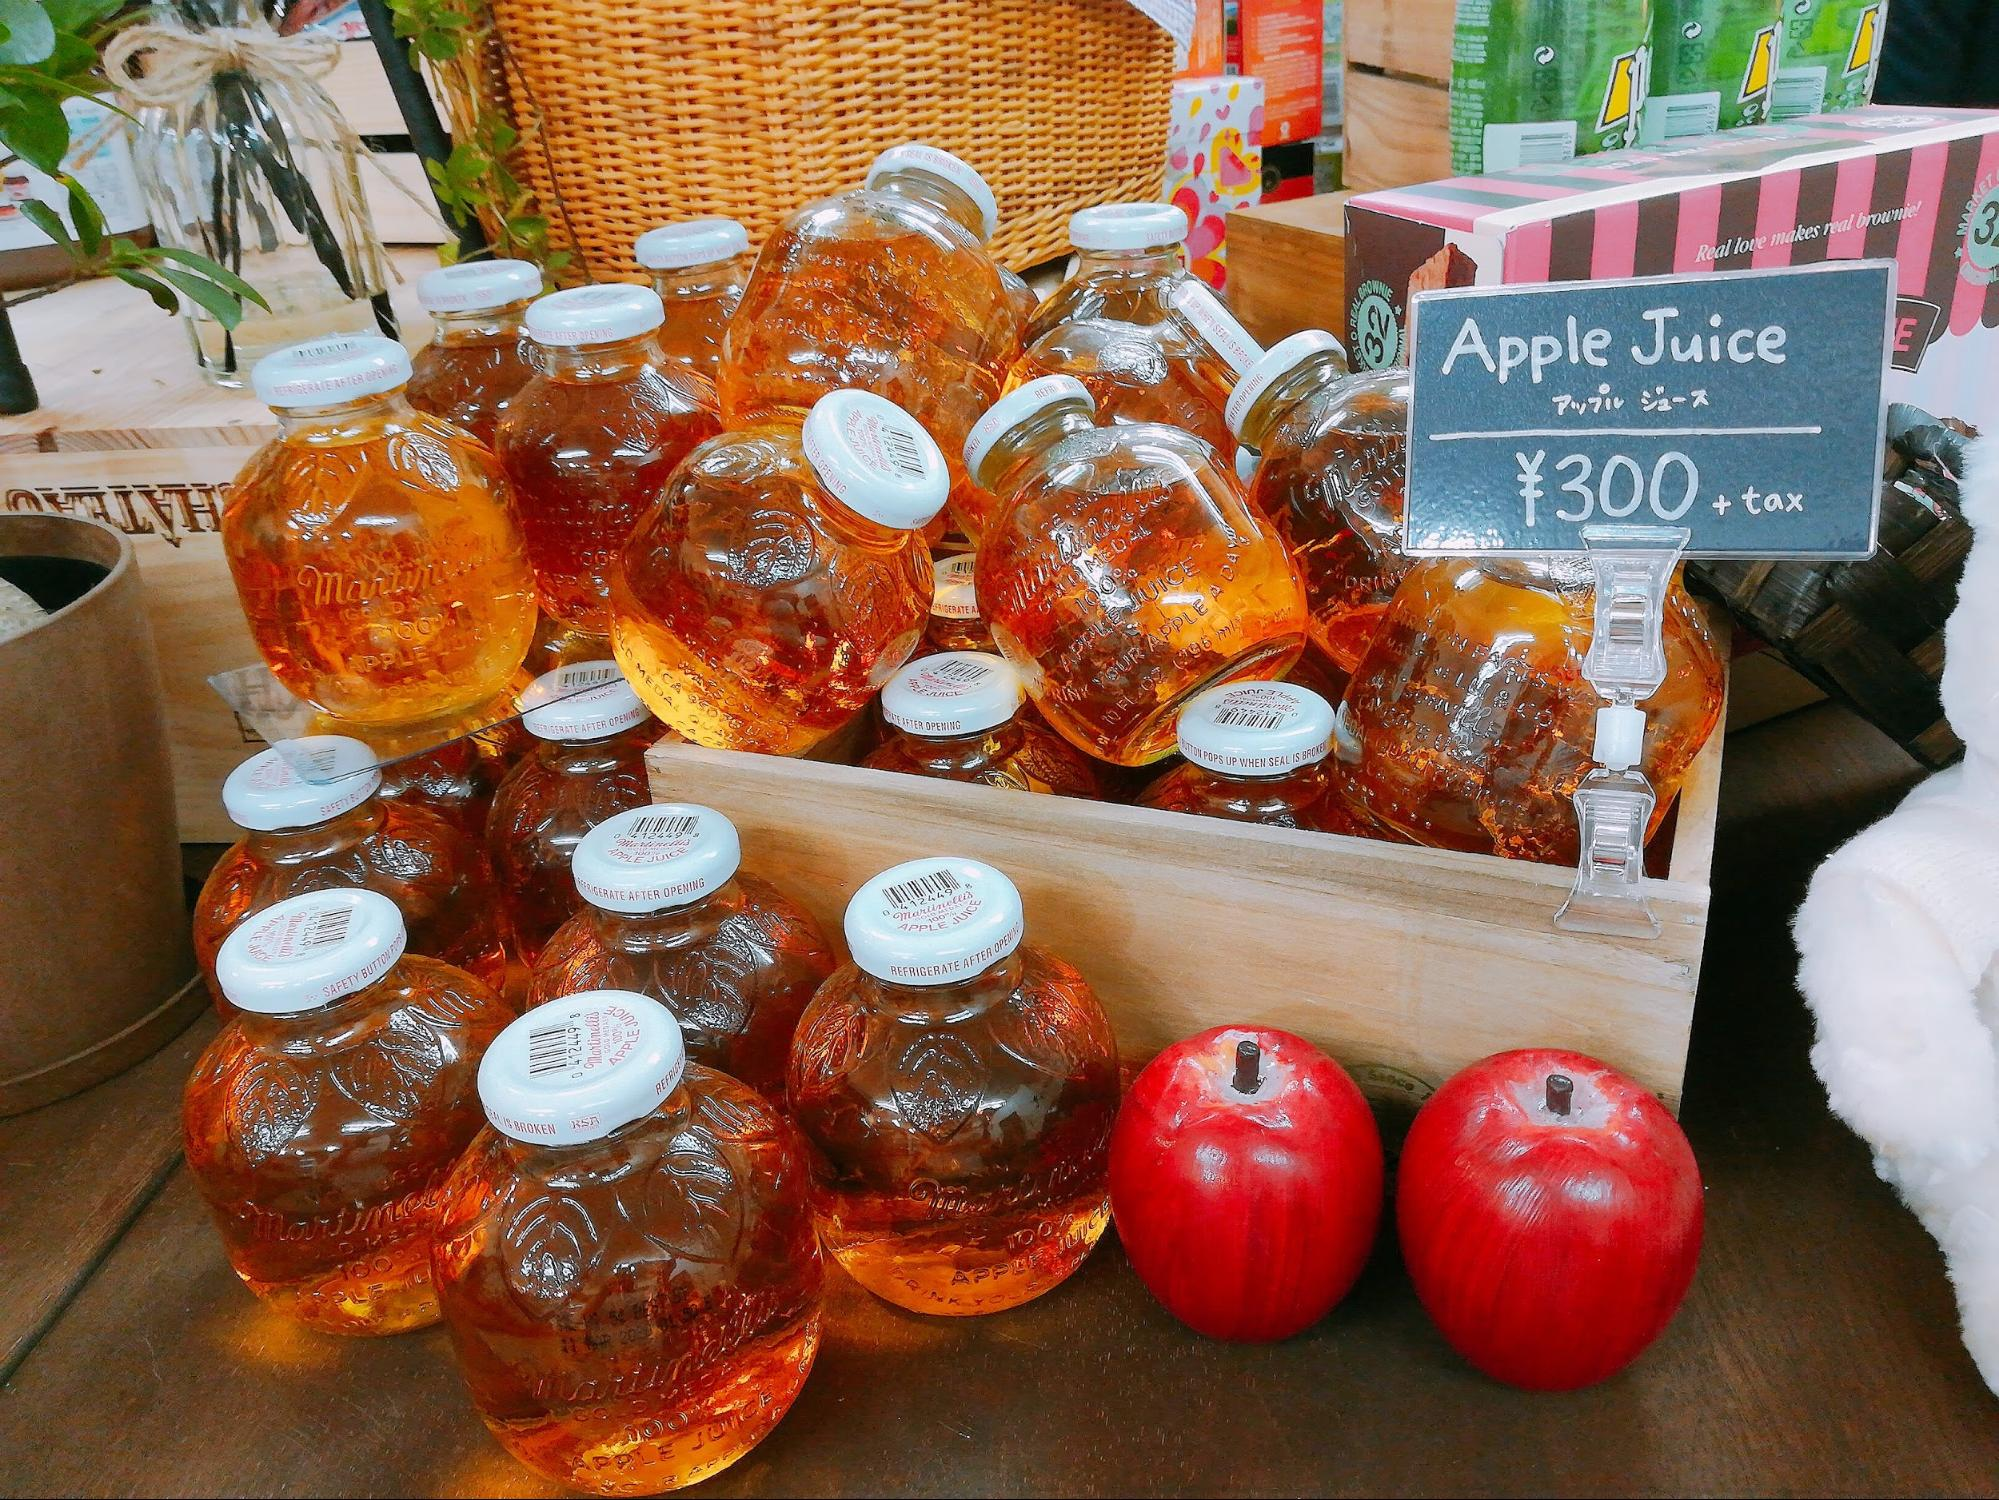 Greenで大人気!まるでりんごを丸かじりな100%アップルジュース